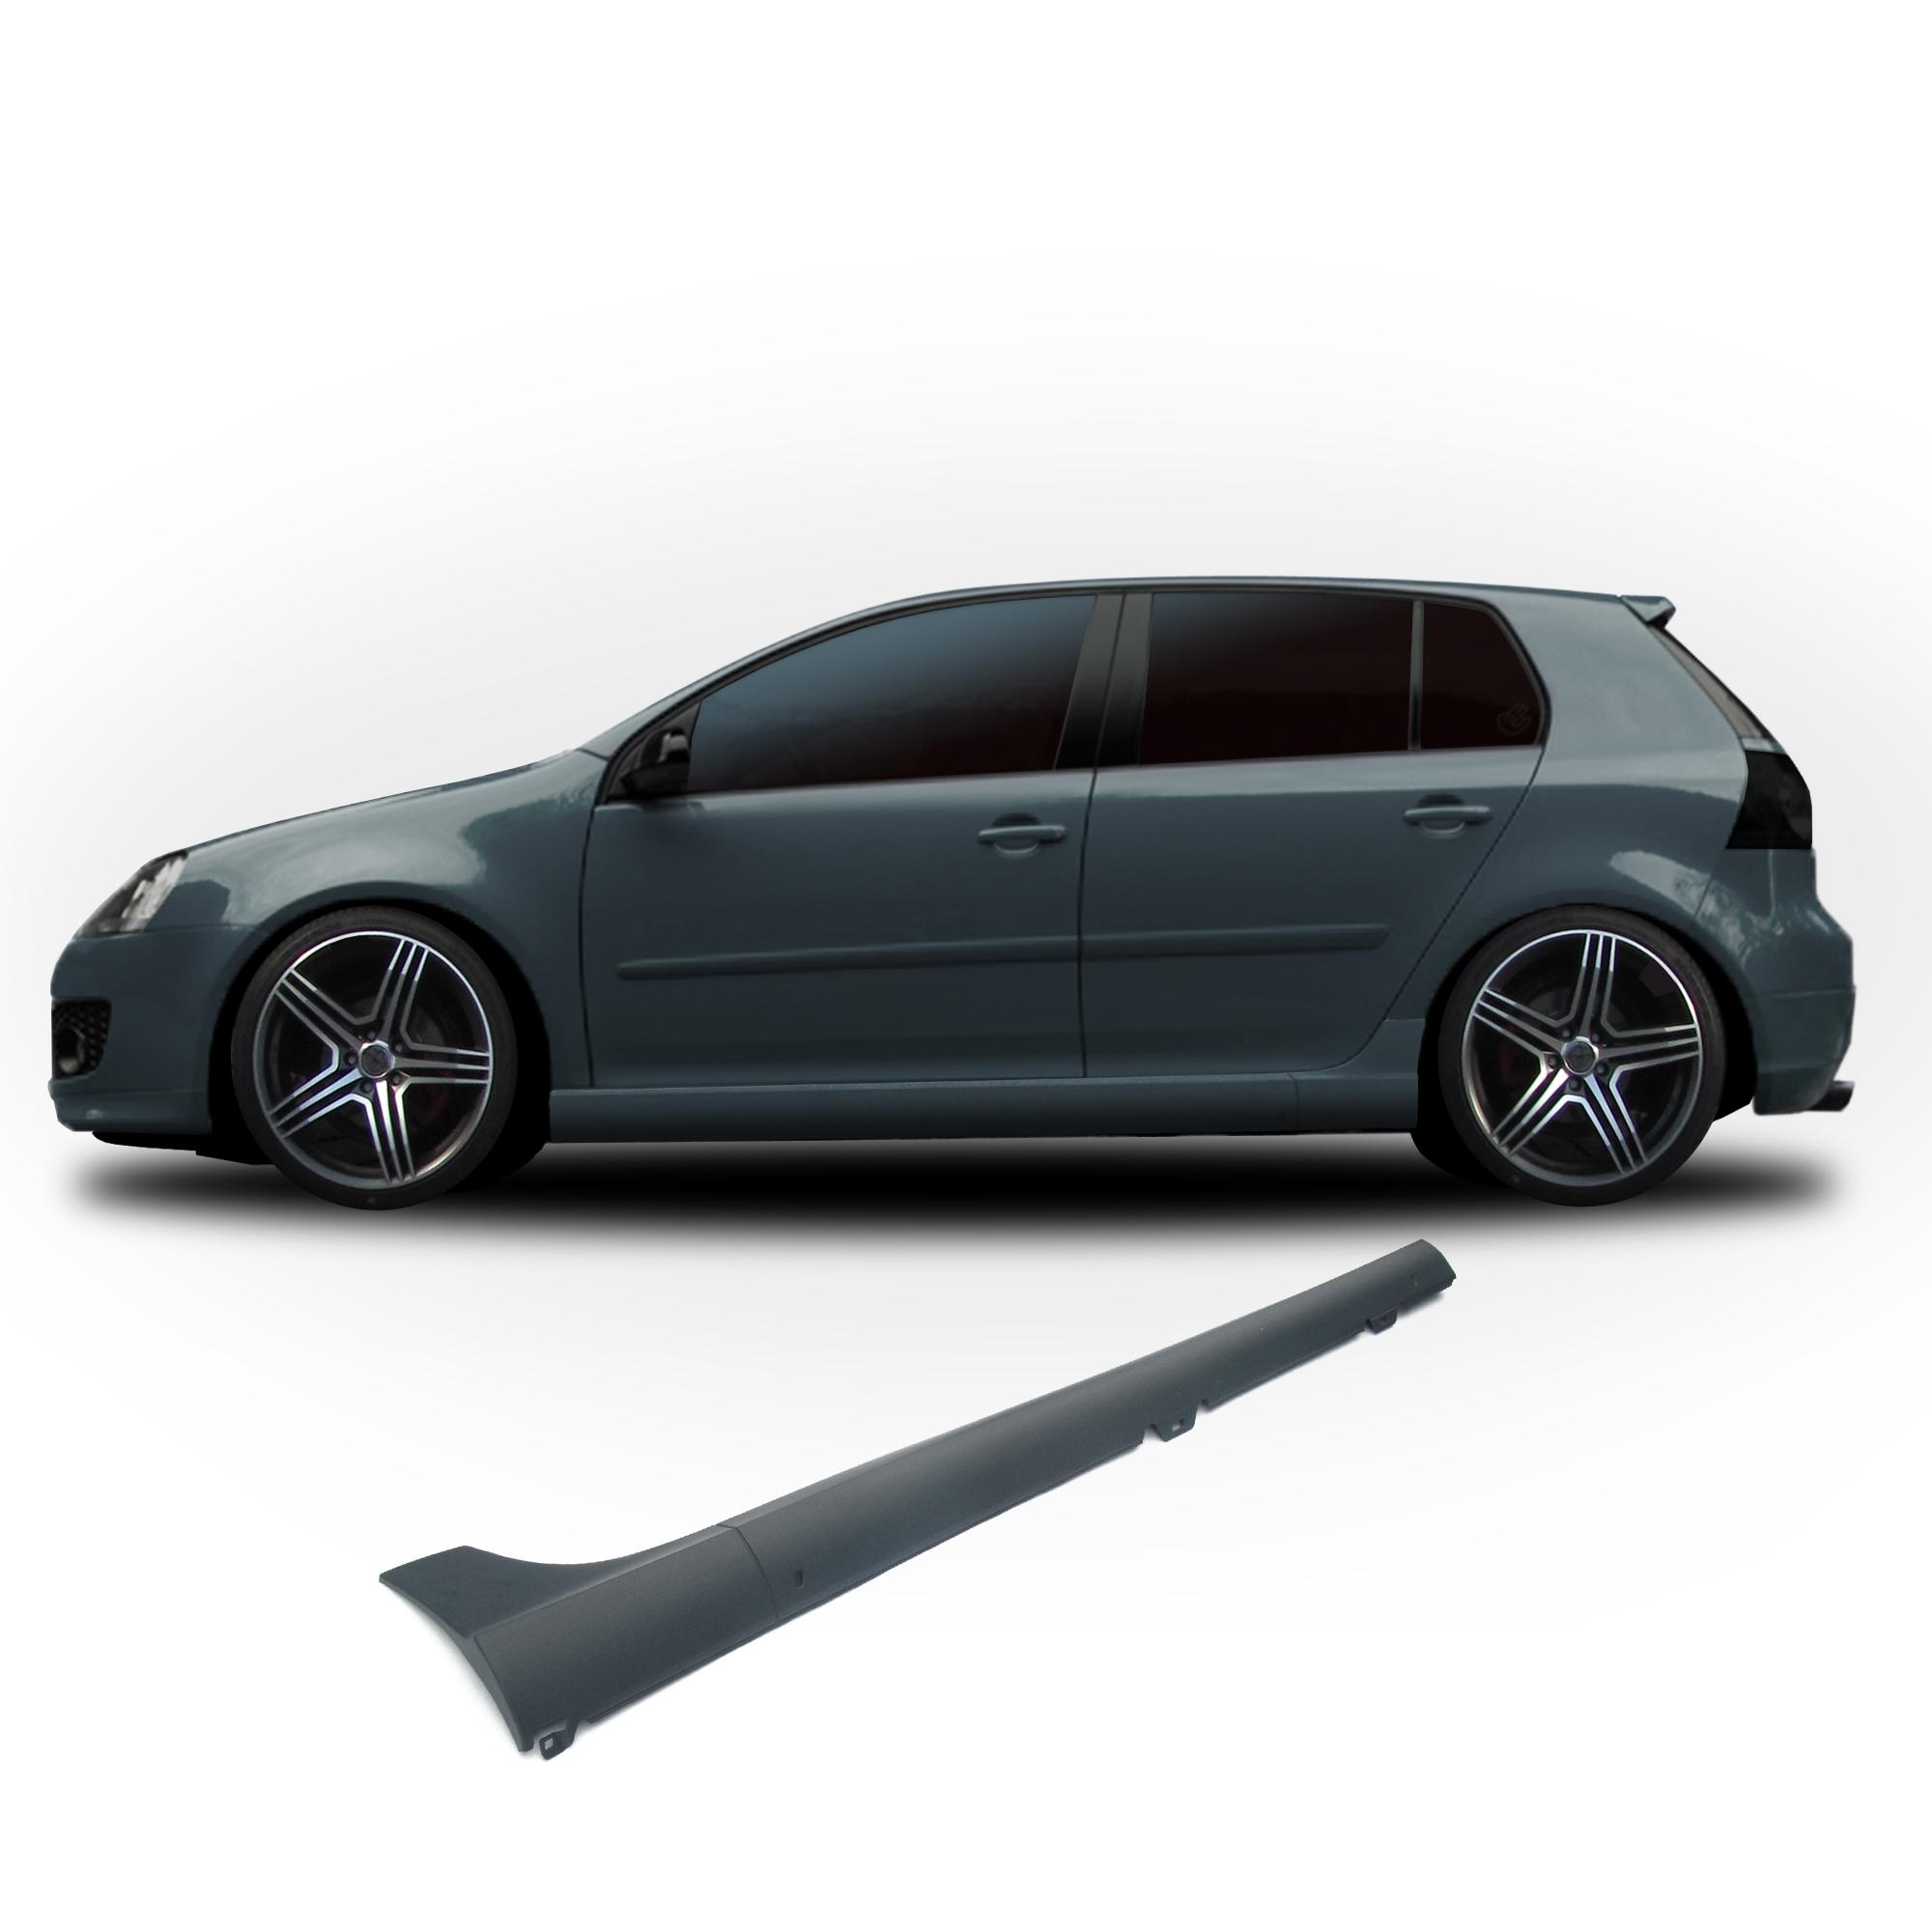 bas de caisse pour vw golf 5 4 portes look gti avec mat riel de montage en abs. Black Bedroom Furniture Sets. Home Design Ideas